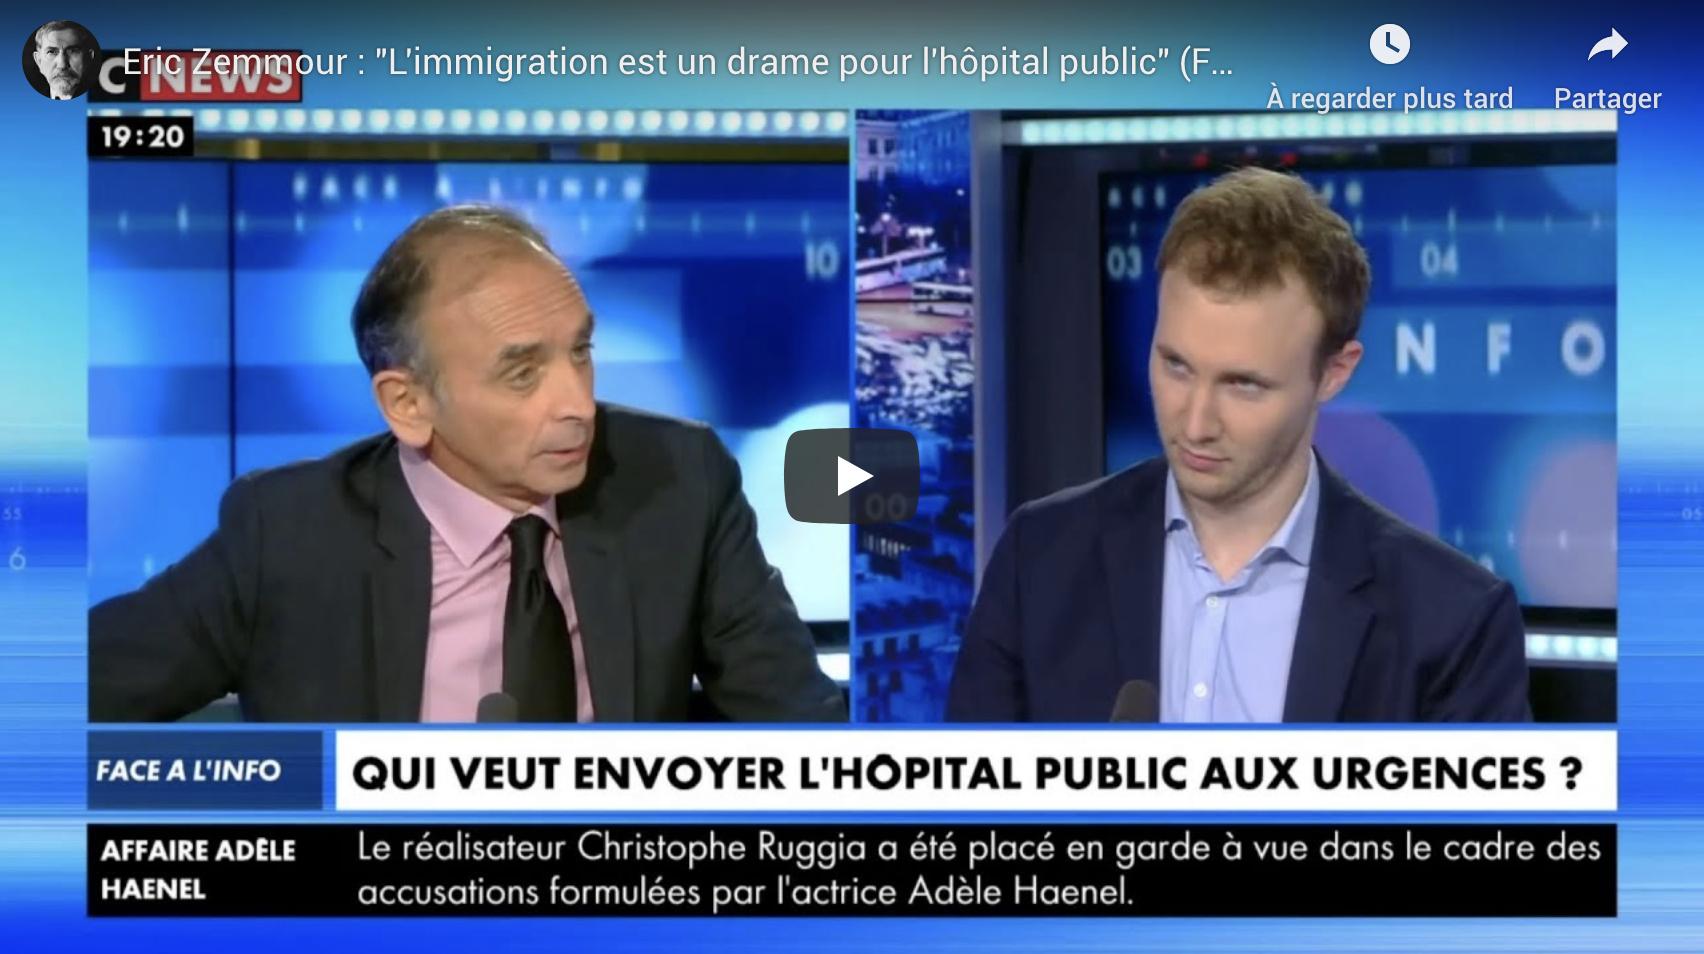 """Éric Zemmour : """"L'immigration est un drame pour l'hôpital public"""" (VIDÉO)"""